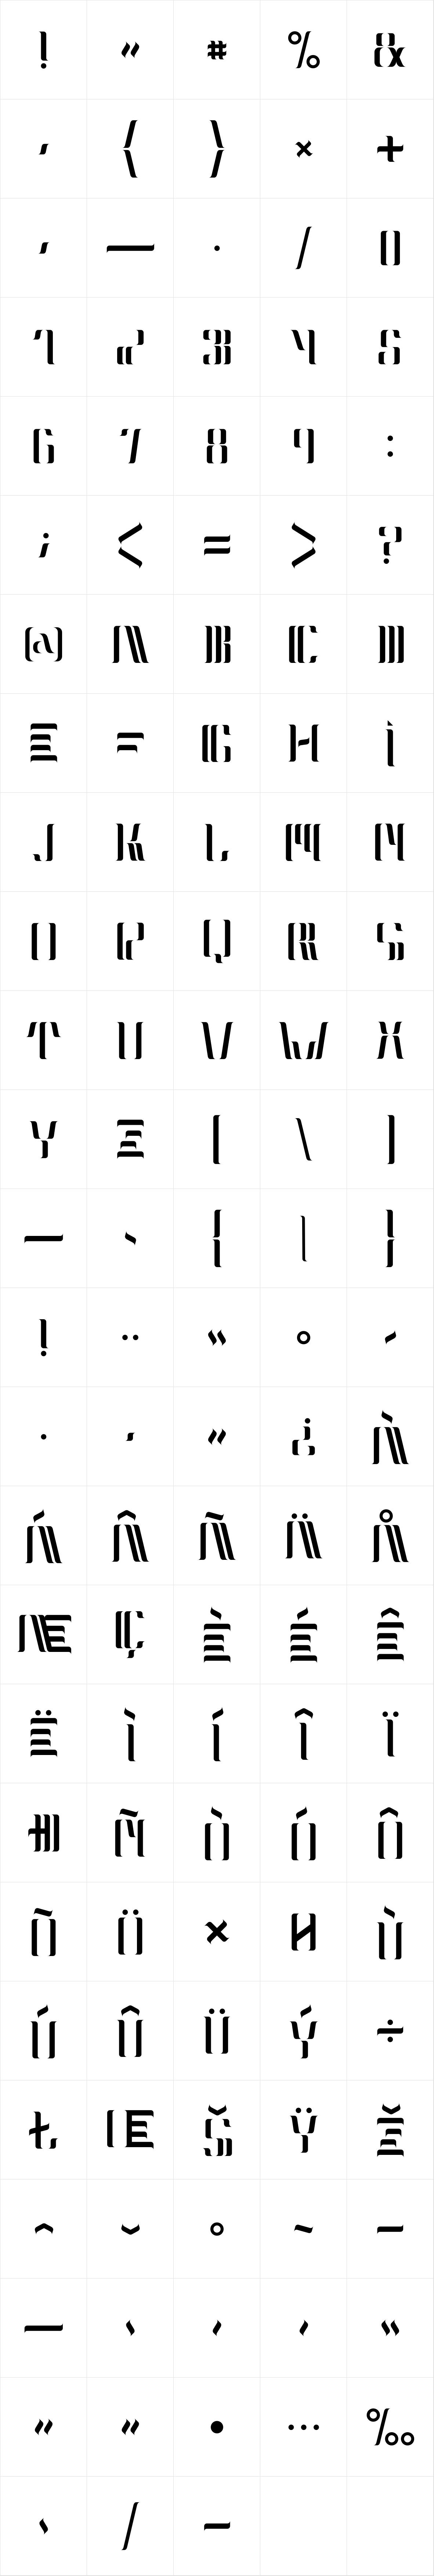 Neolux Alternate